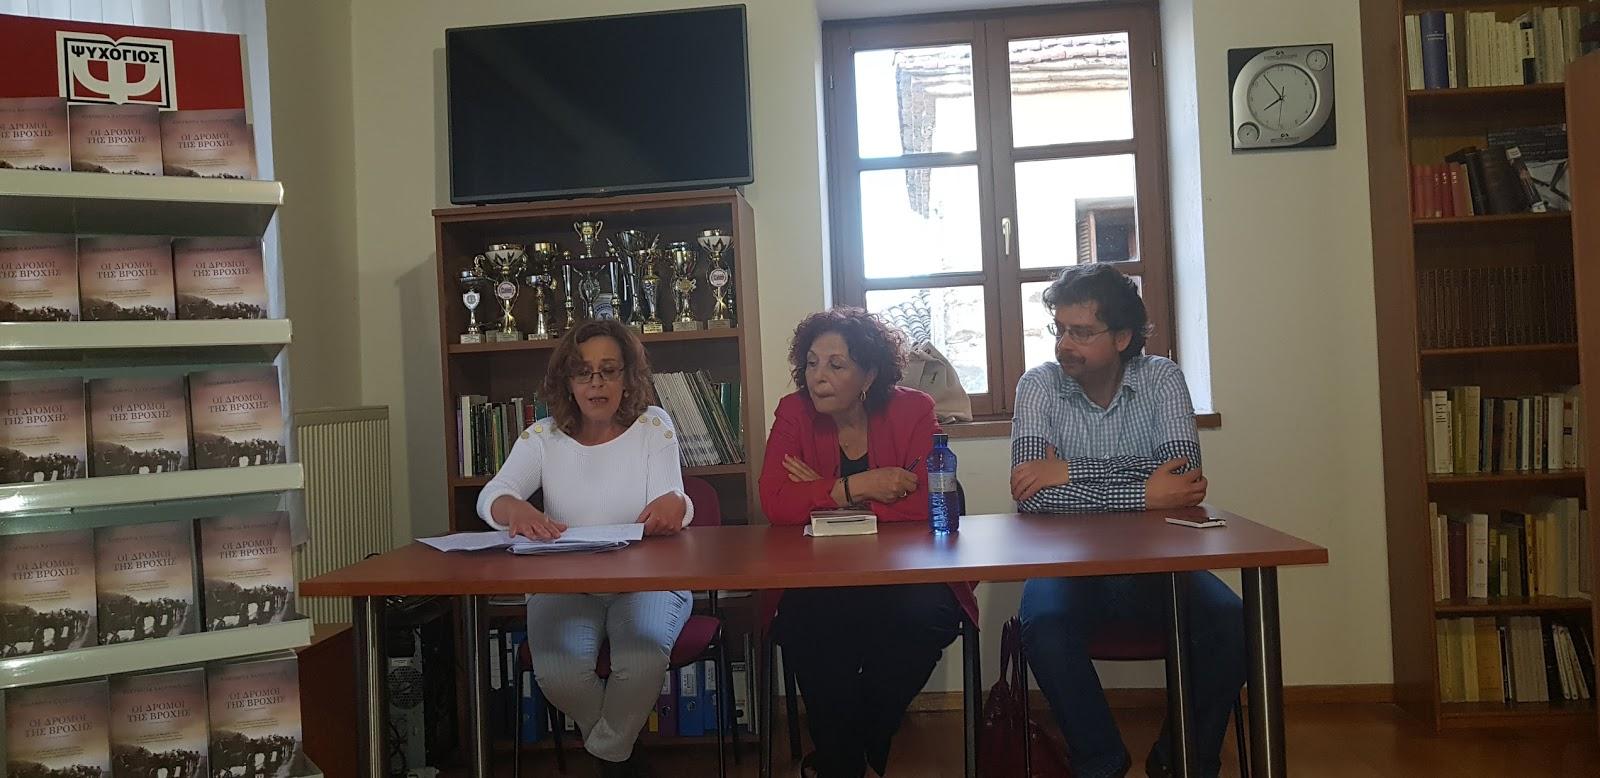 Στην Δημοτική Βιβλιοθήκη Πολυγύρου η συγγραφέας    Ελευθερία Χατζοπούλου